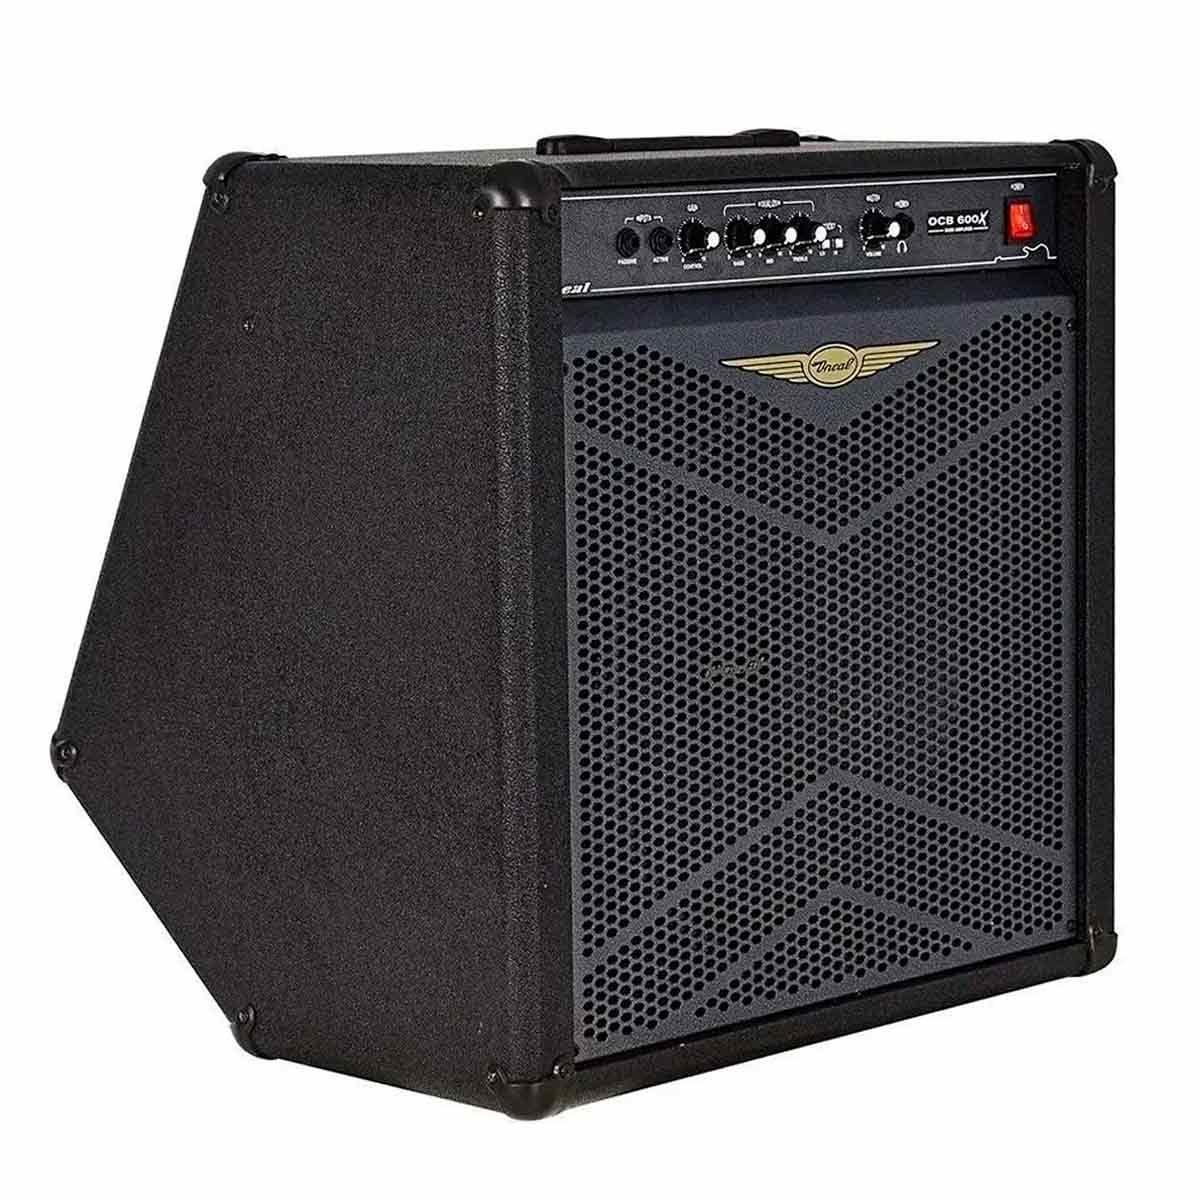 Cubo Amplificador P/ Contrabaixo Oneal OCB 600X 200Wrms